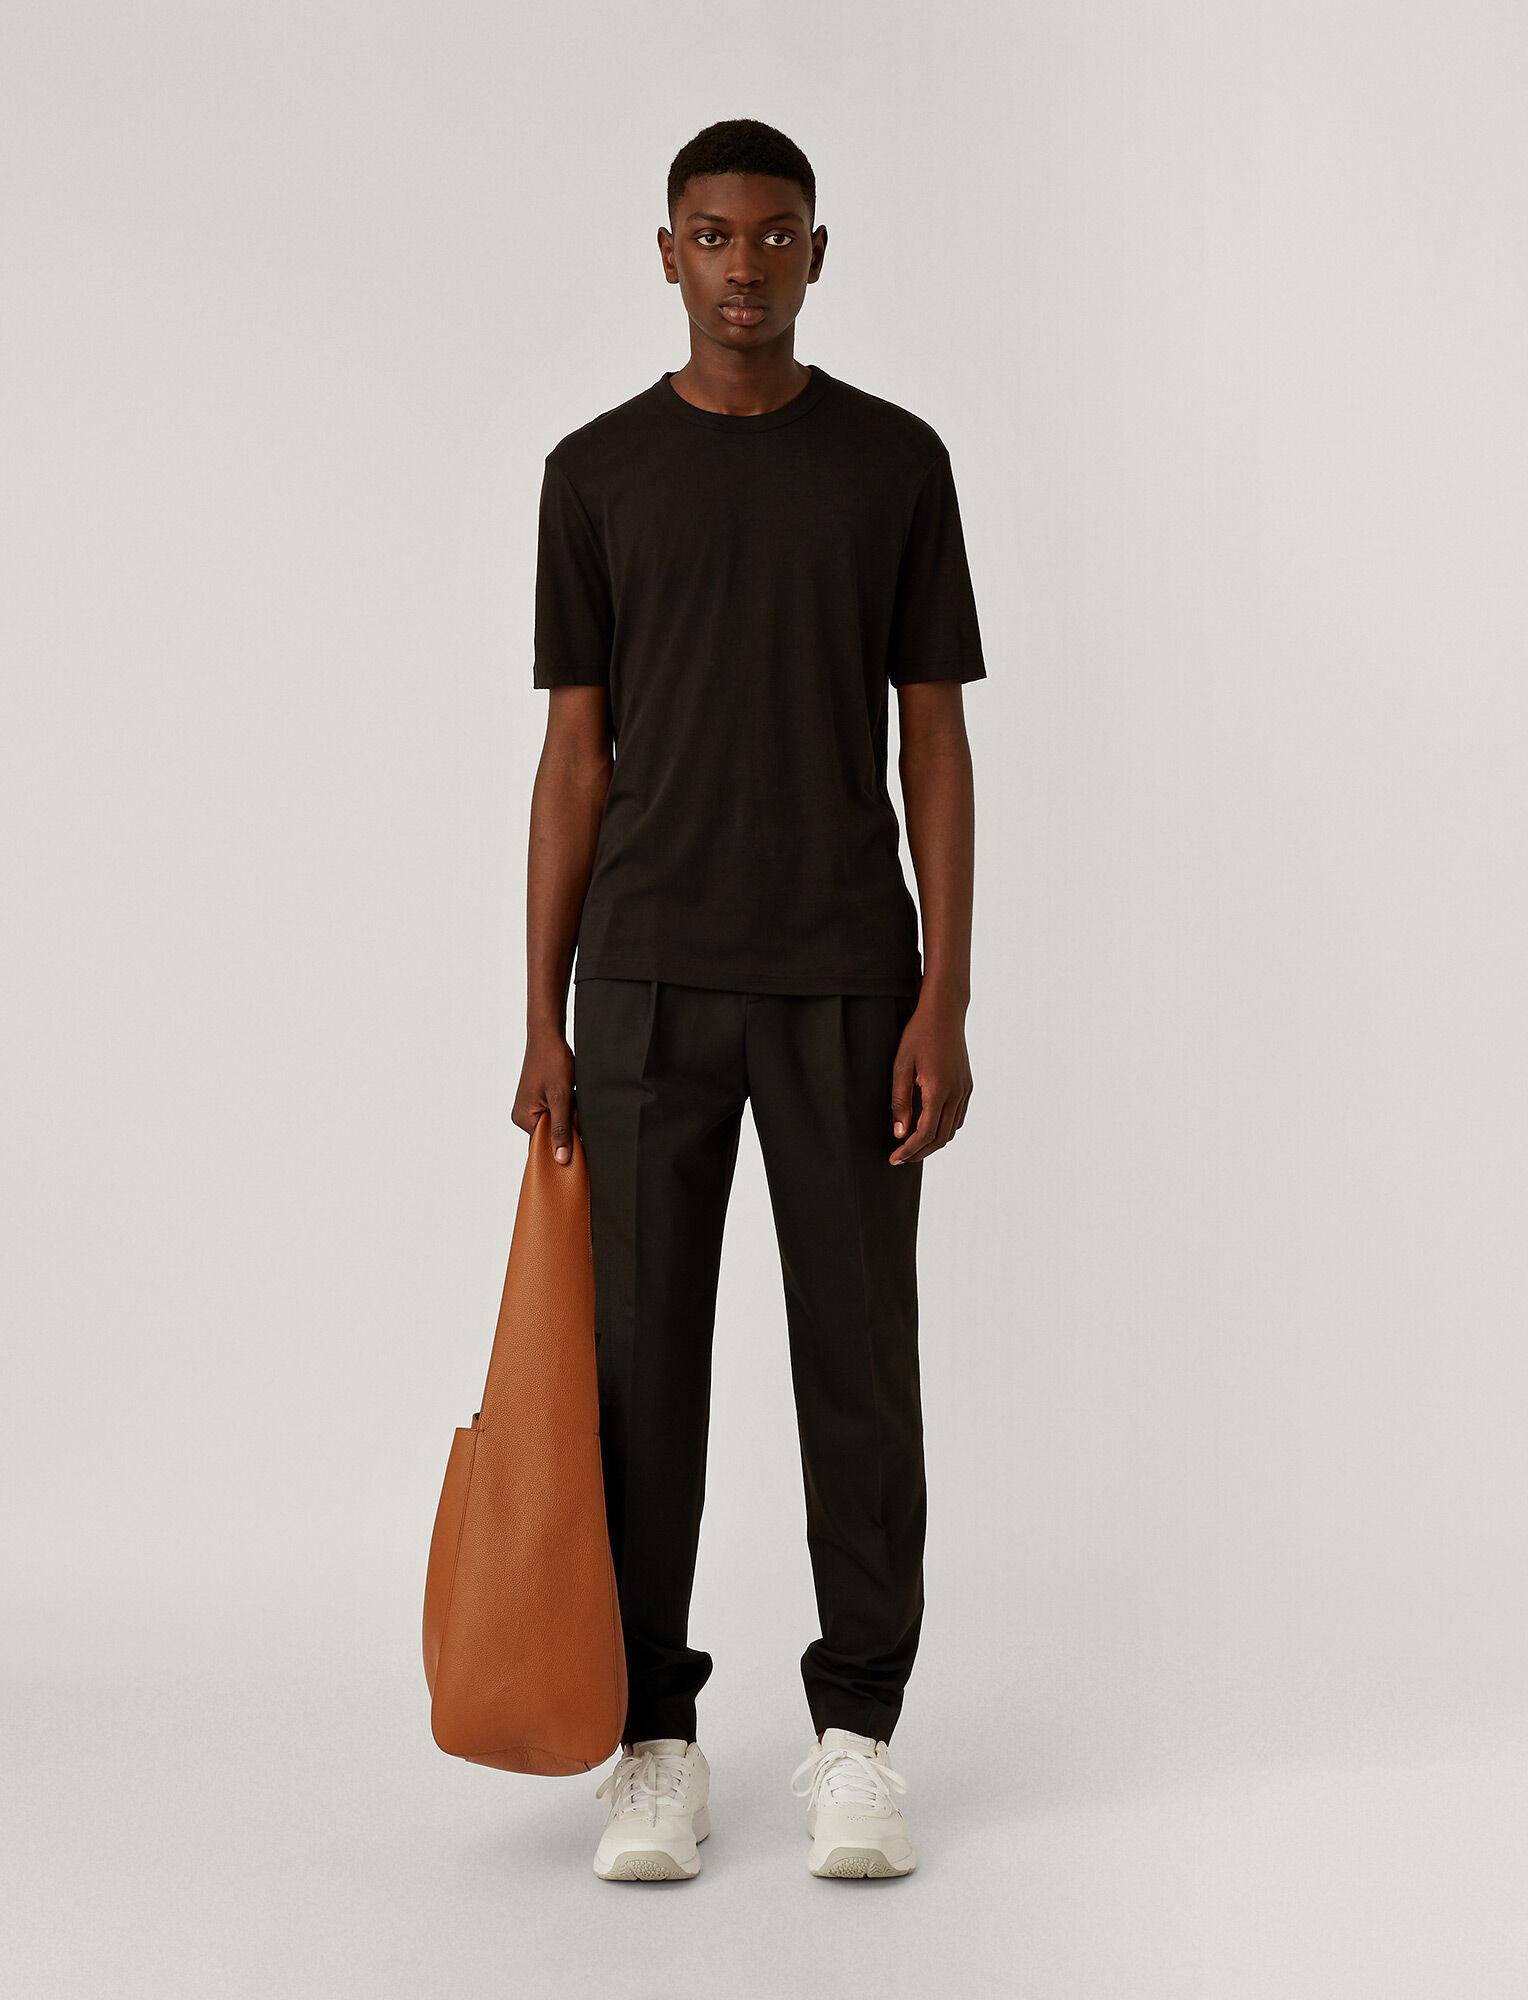 Joseph, Tee-shirt en jersey de lyocell, in BLACK